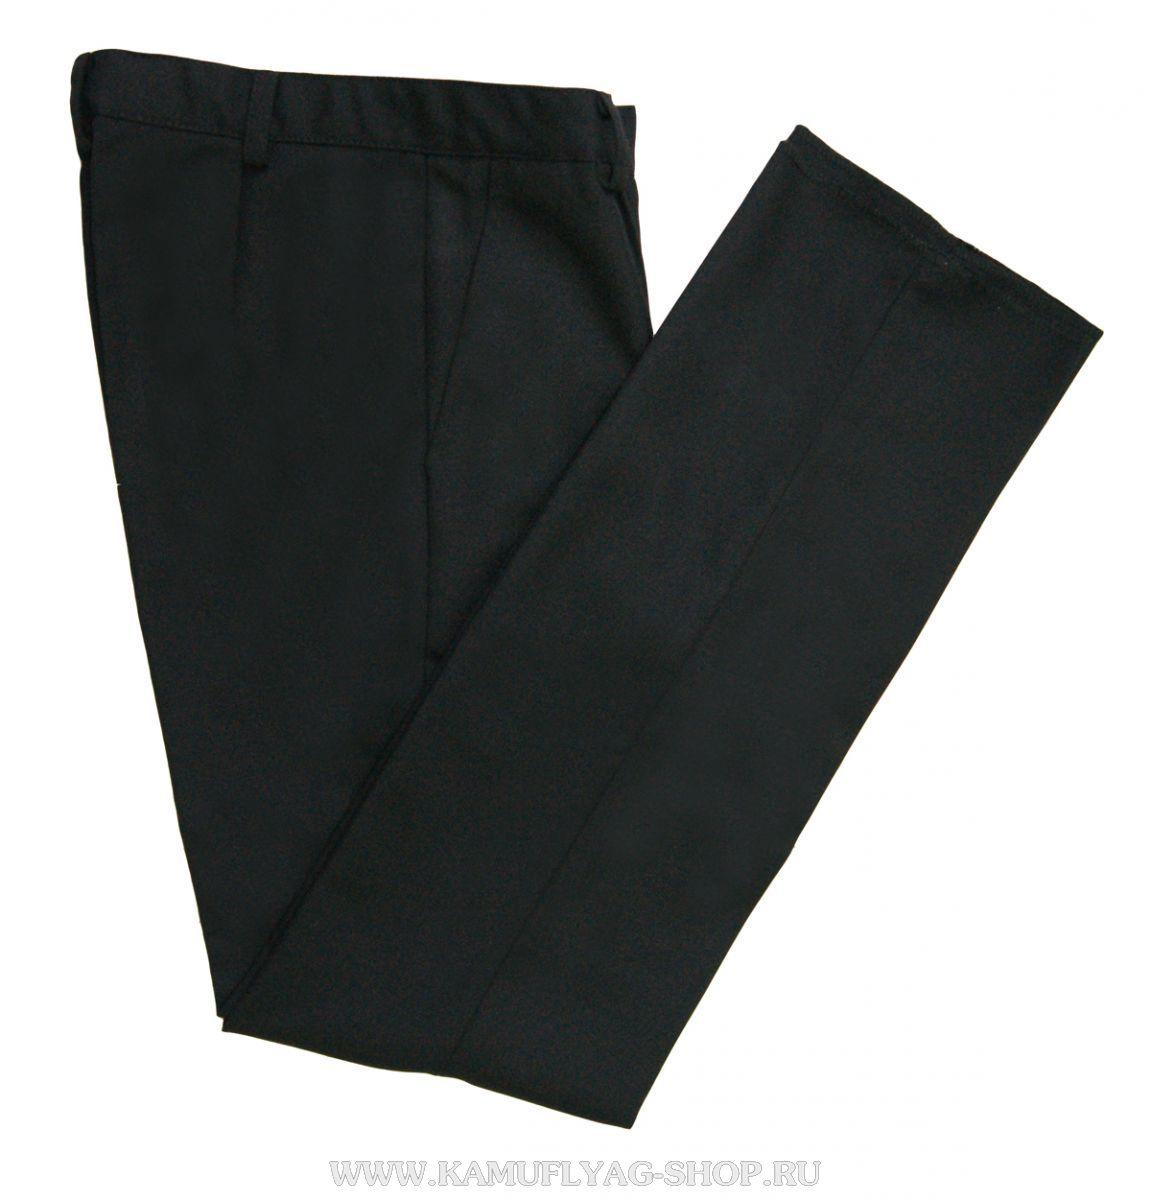 Брюки форменные мужские черные